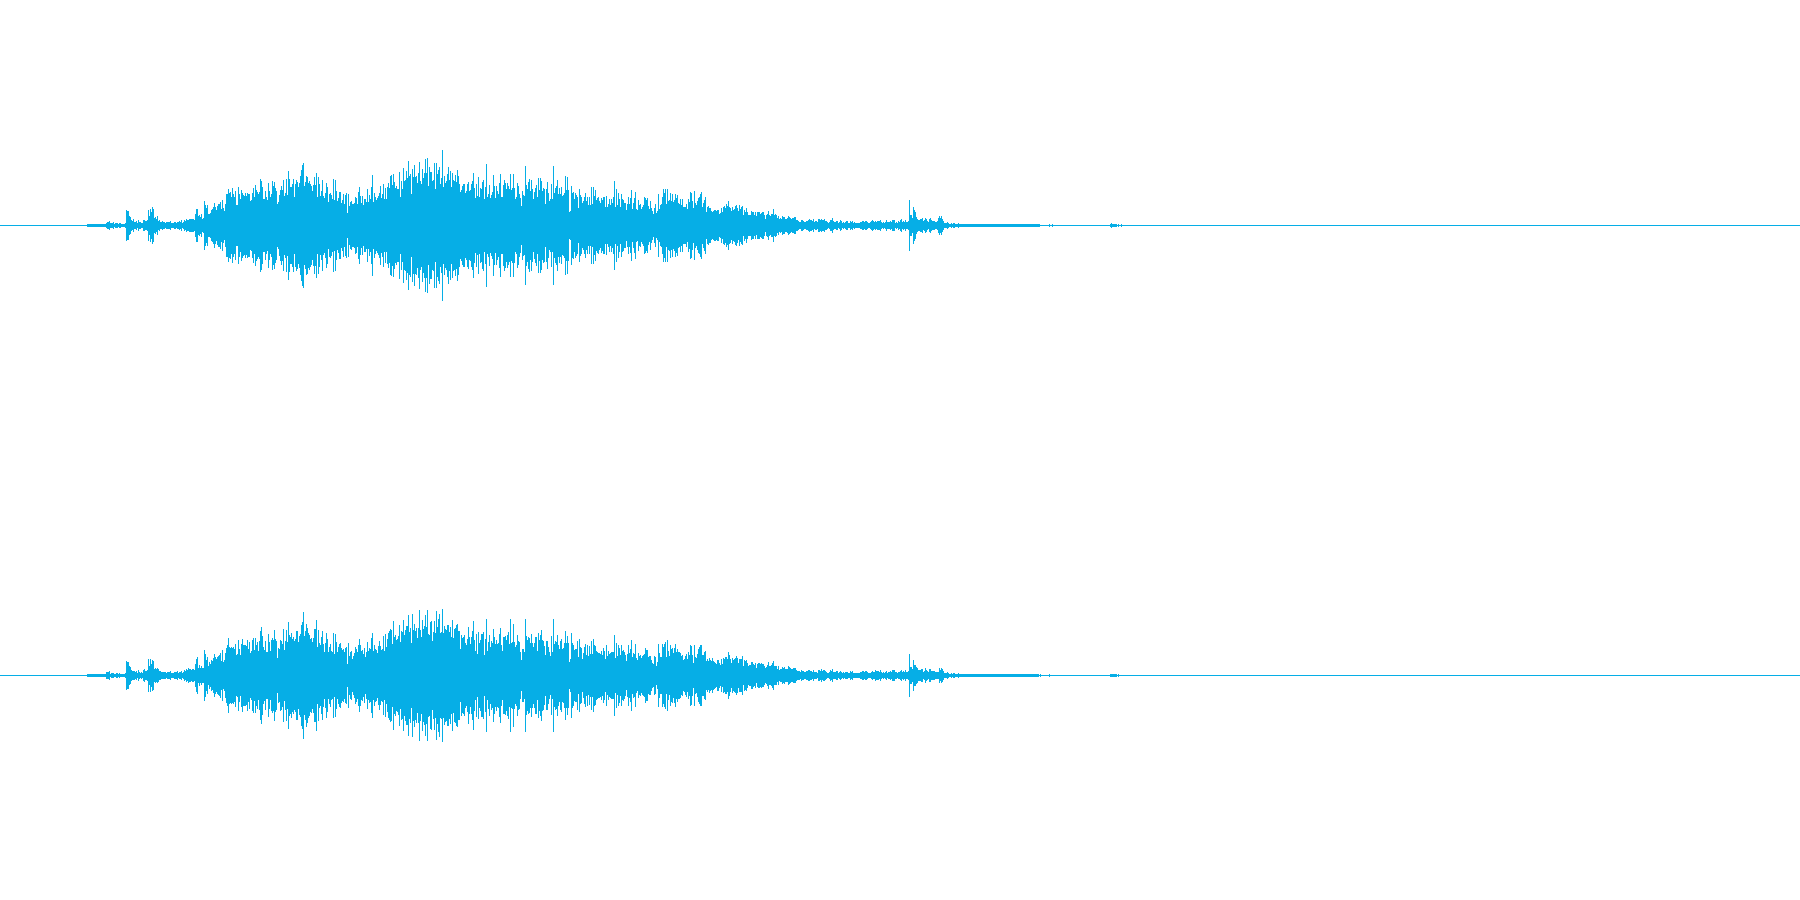 【カーテン02-5】の再生済みの波形